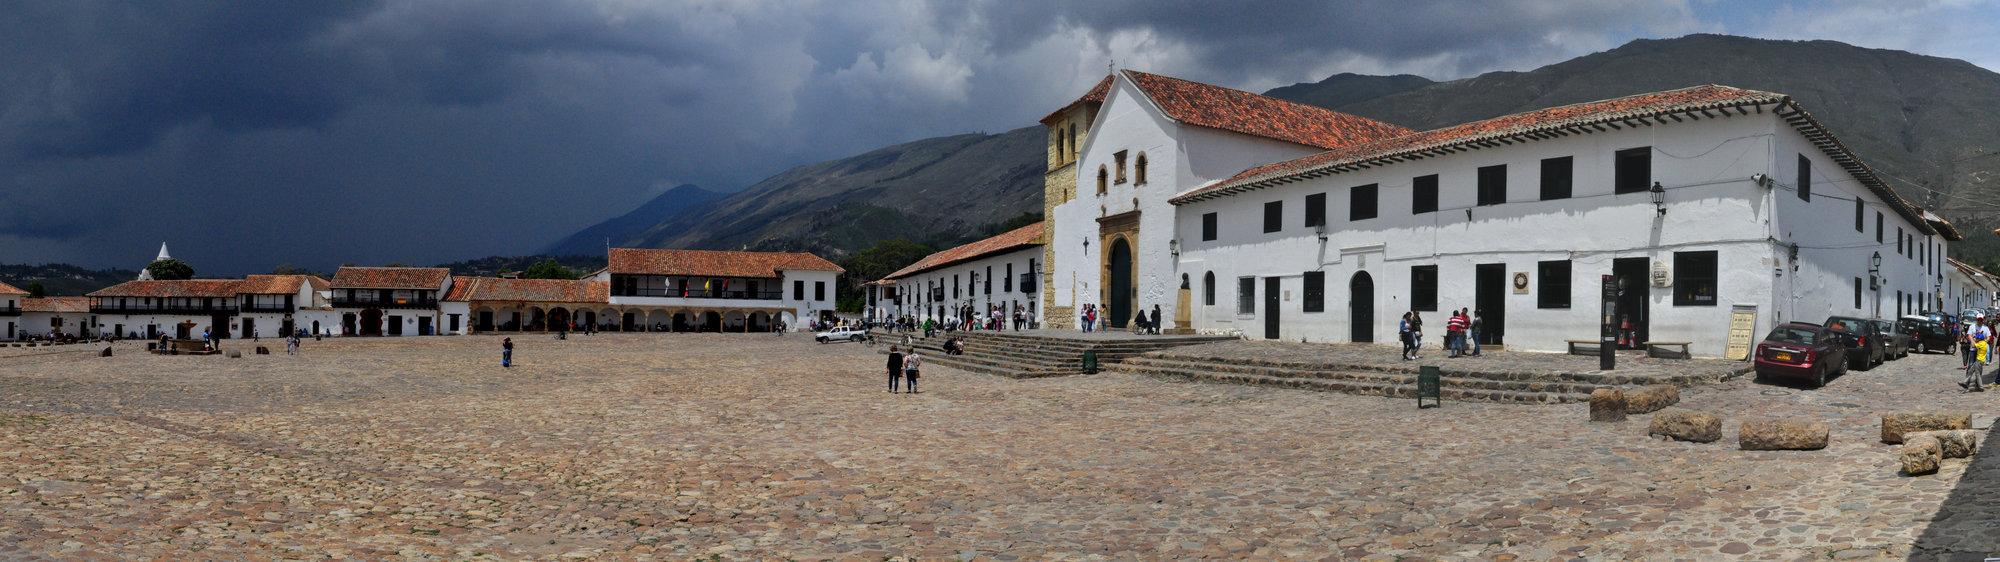 námestie Villa de Leyva